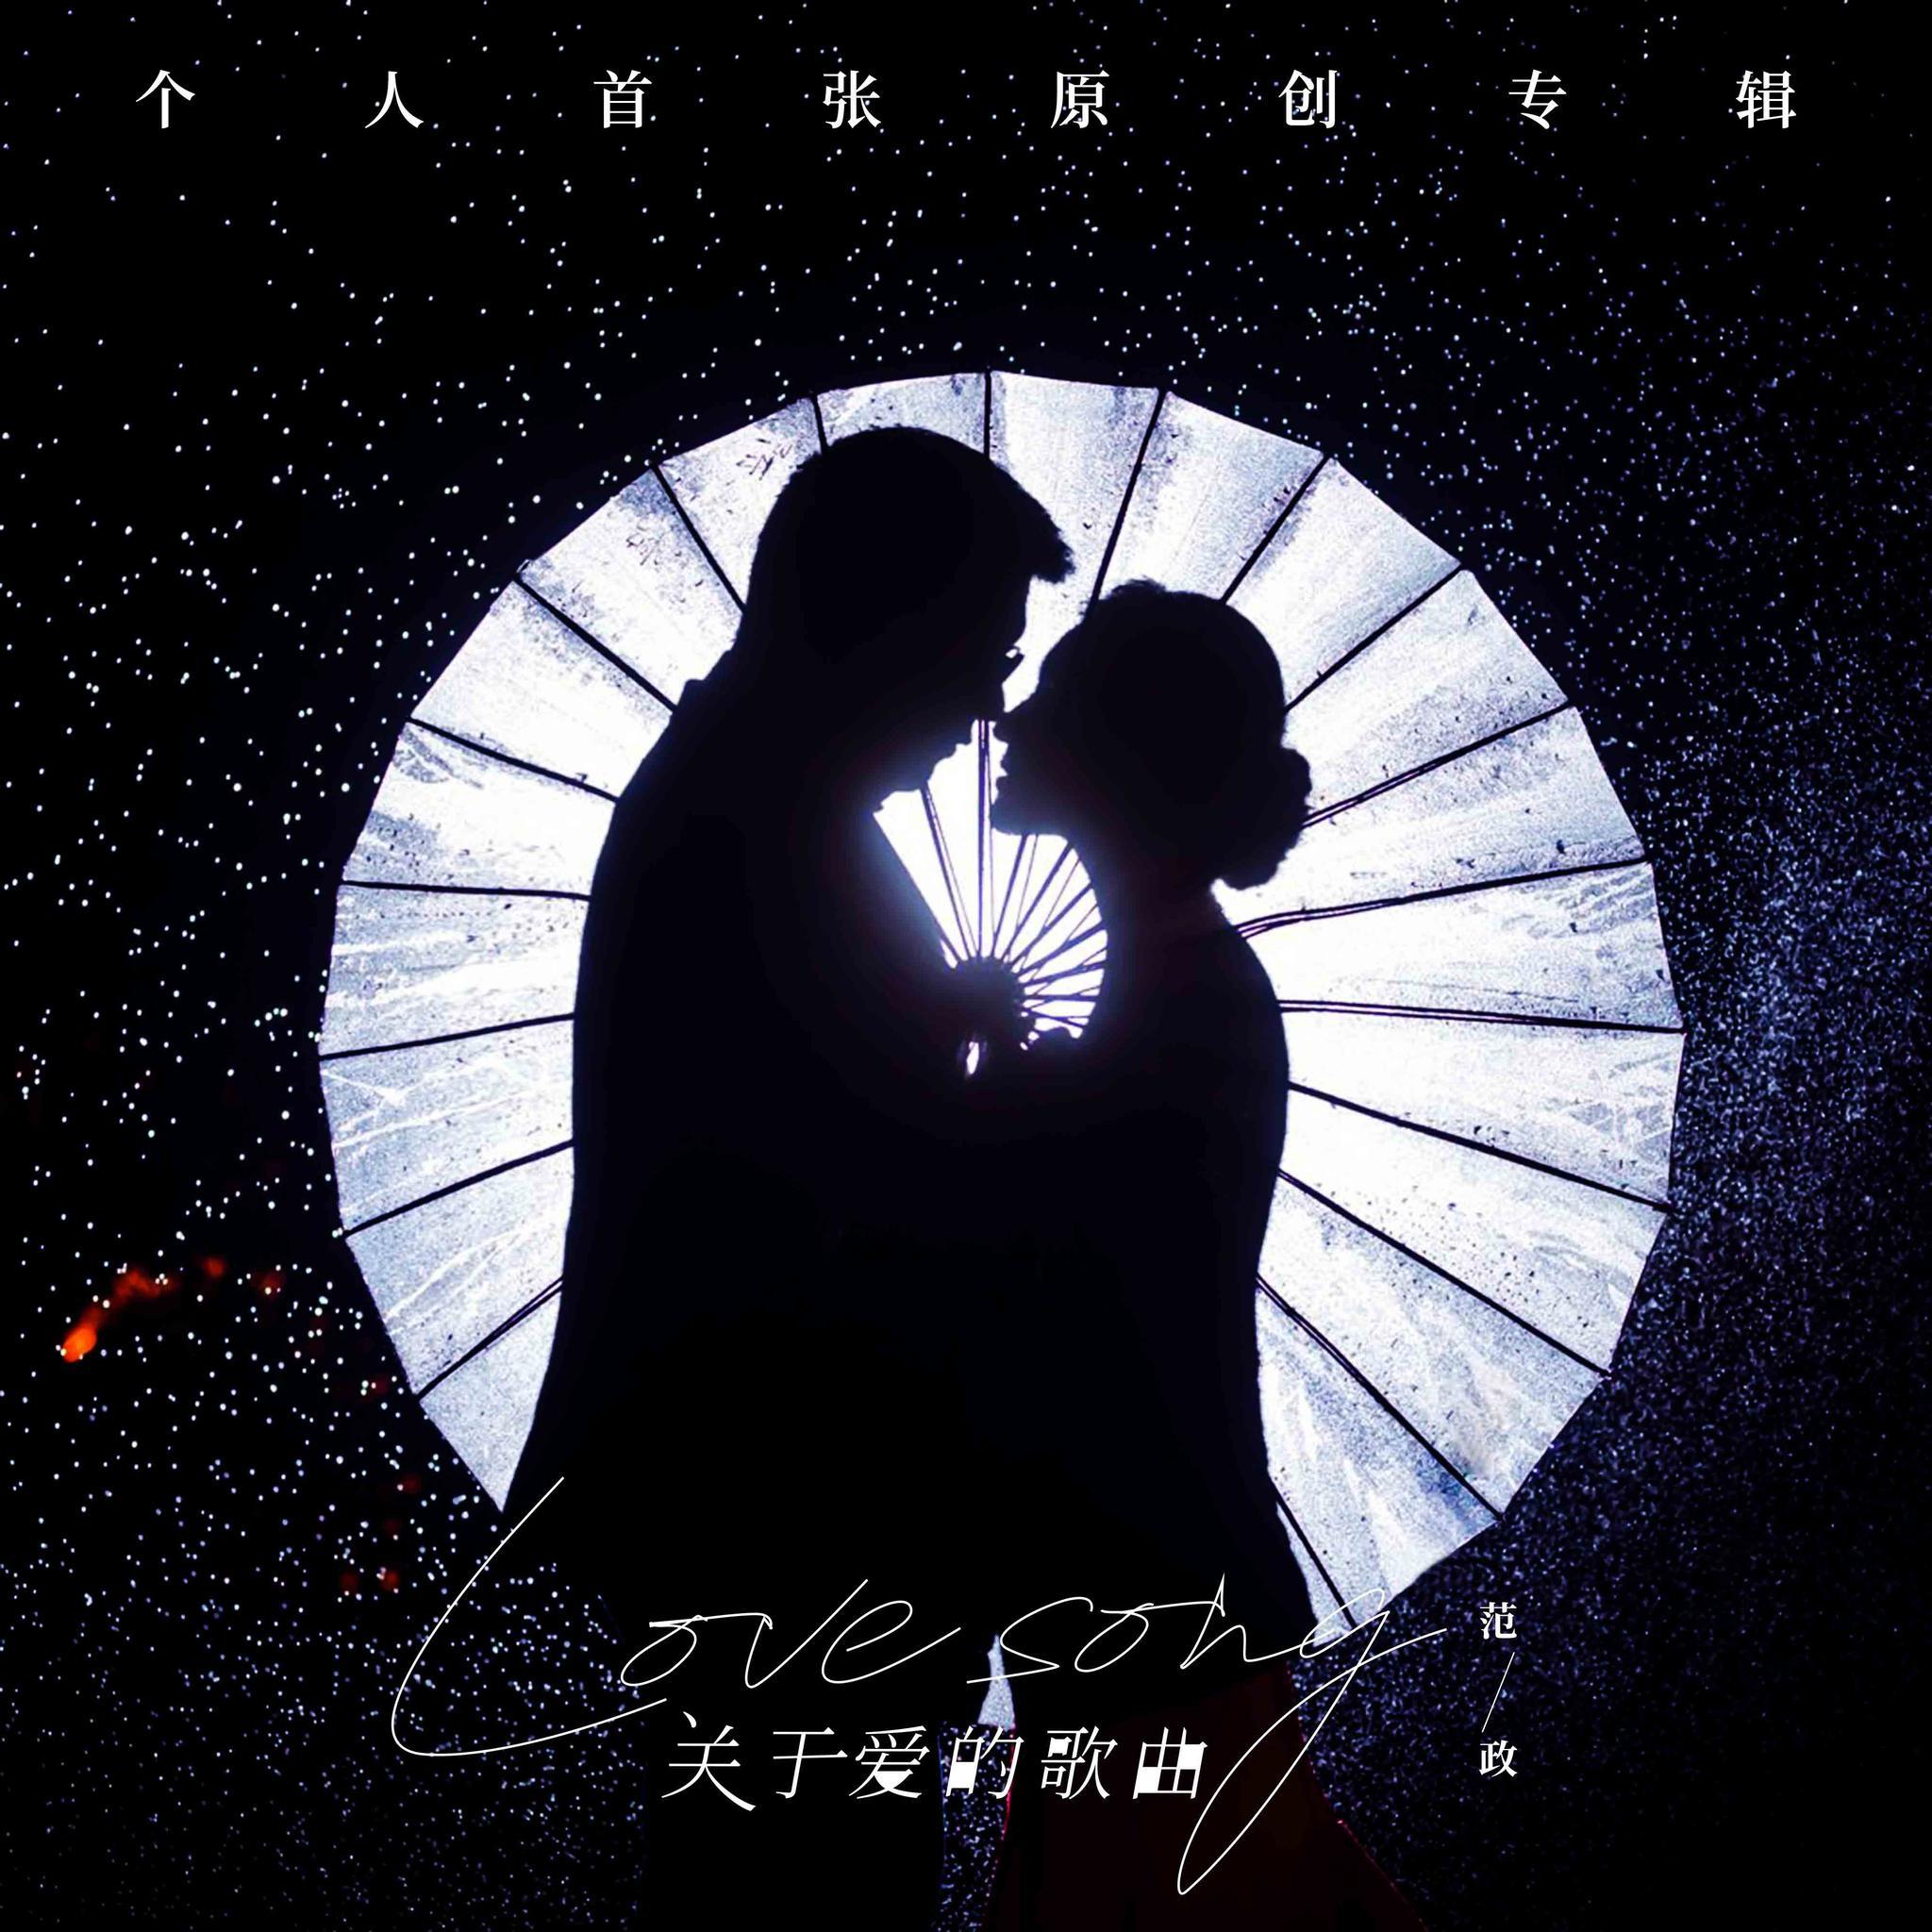 赠予你百分之百的爱情 音乐才子范政首专《关于爱的歌曲》上线